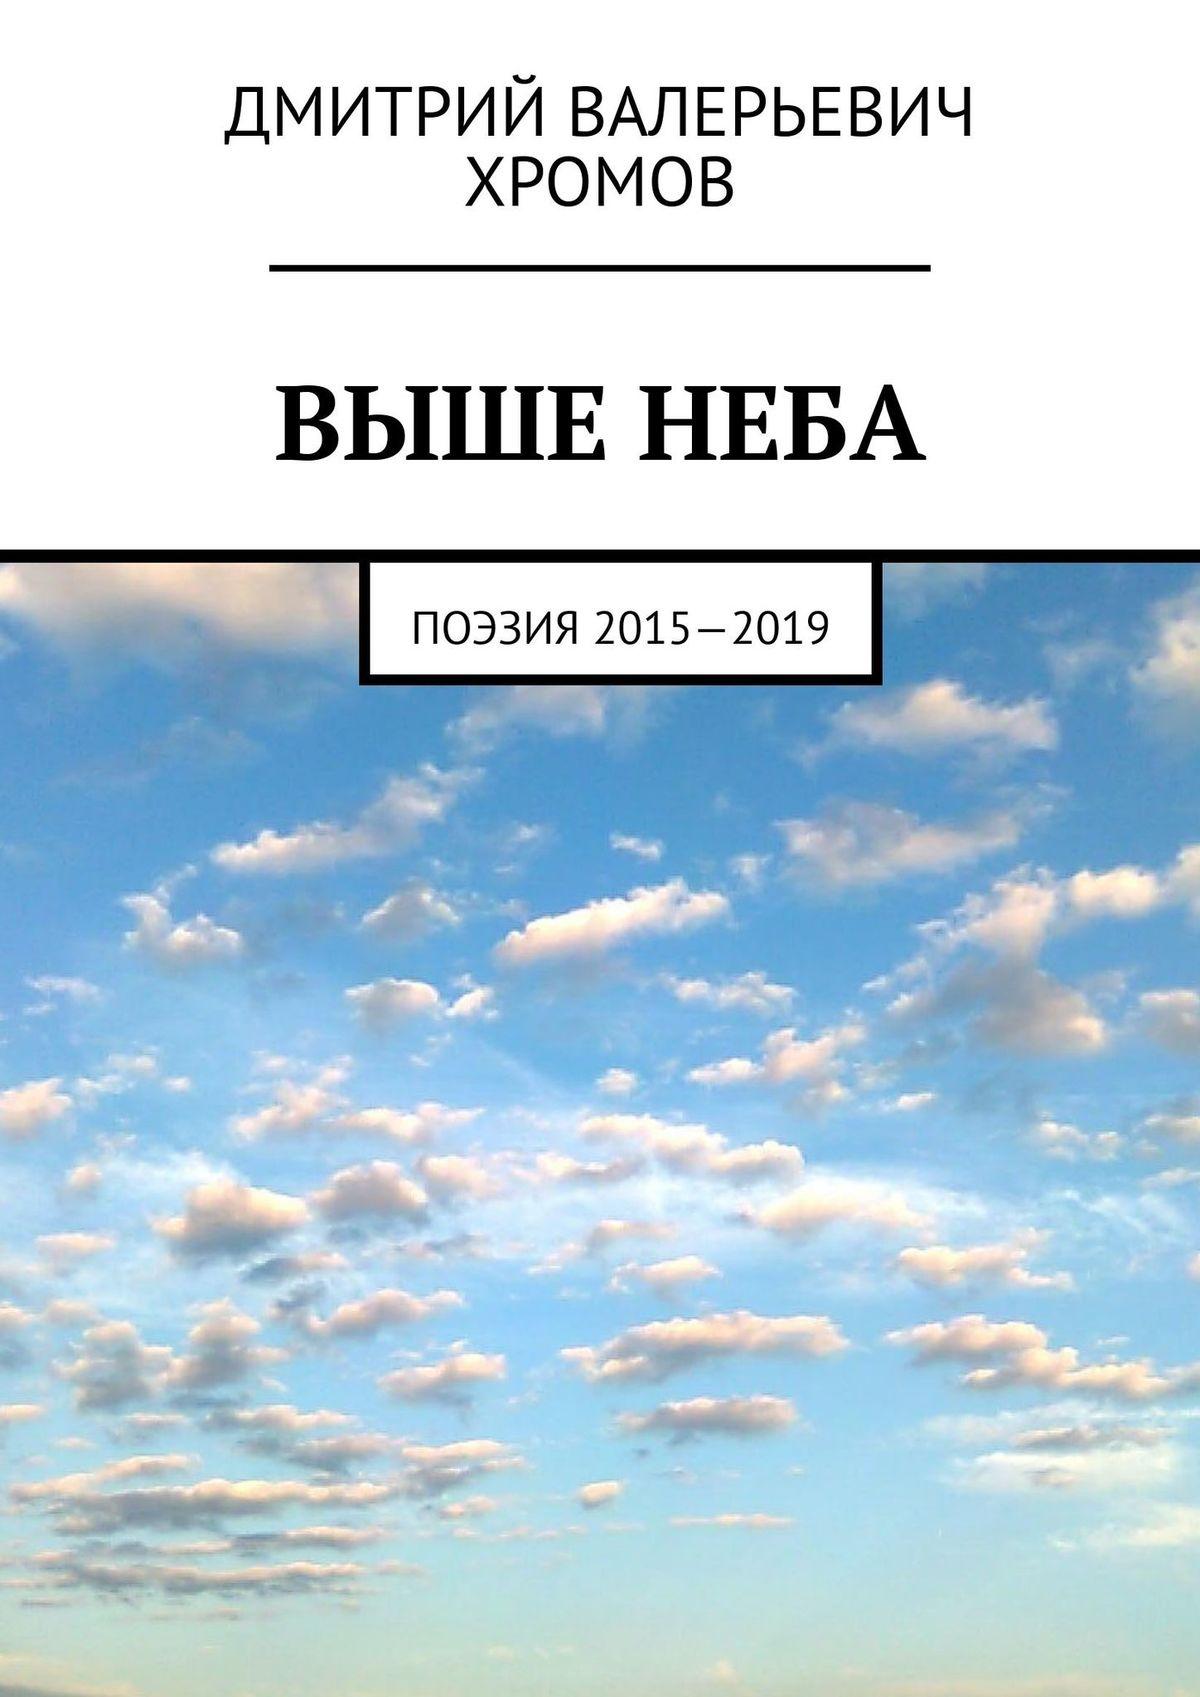 Дмитрий Валерьевич Хромов Вышенеба. Поэзия 2015—2019 цены онлайн